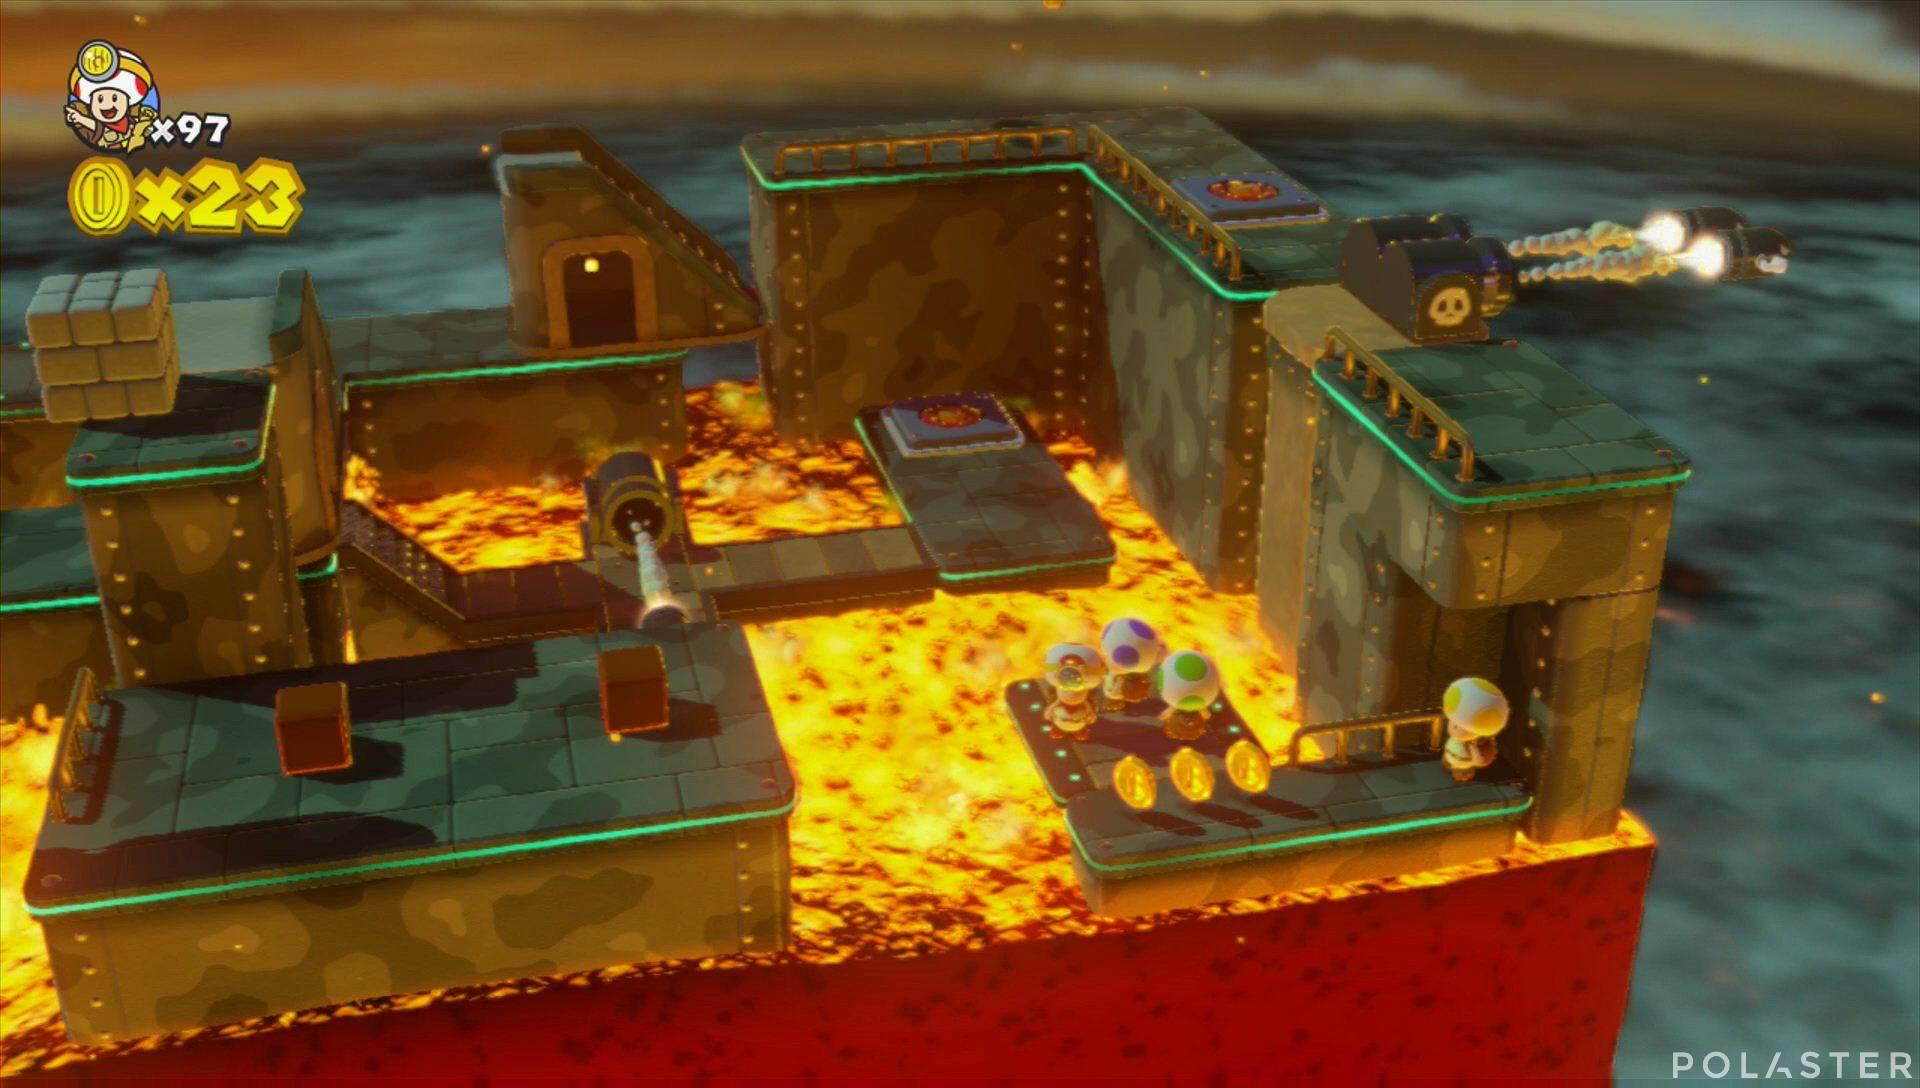 Captain Toad: Treasure Tracker Extra: ¡Cuadrilla, a la base giratoria! Toad amarillo